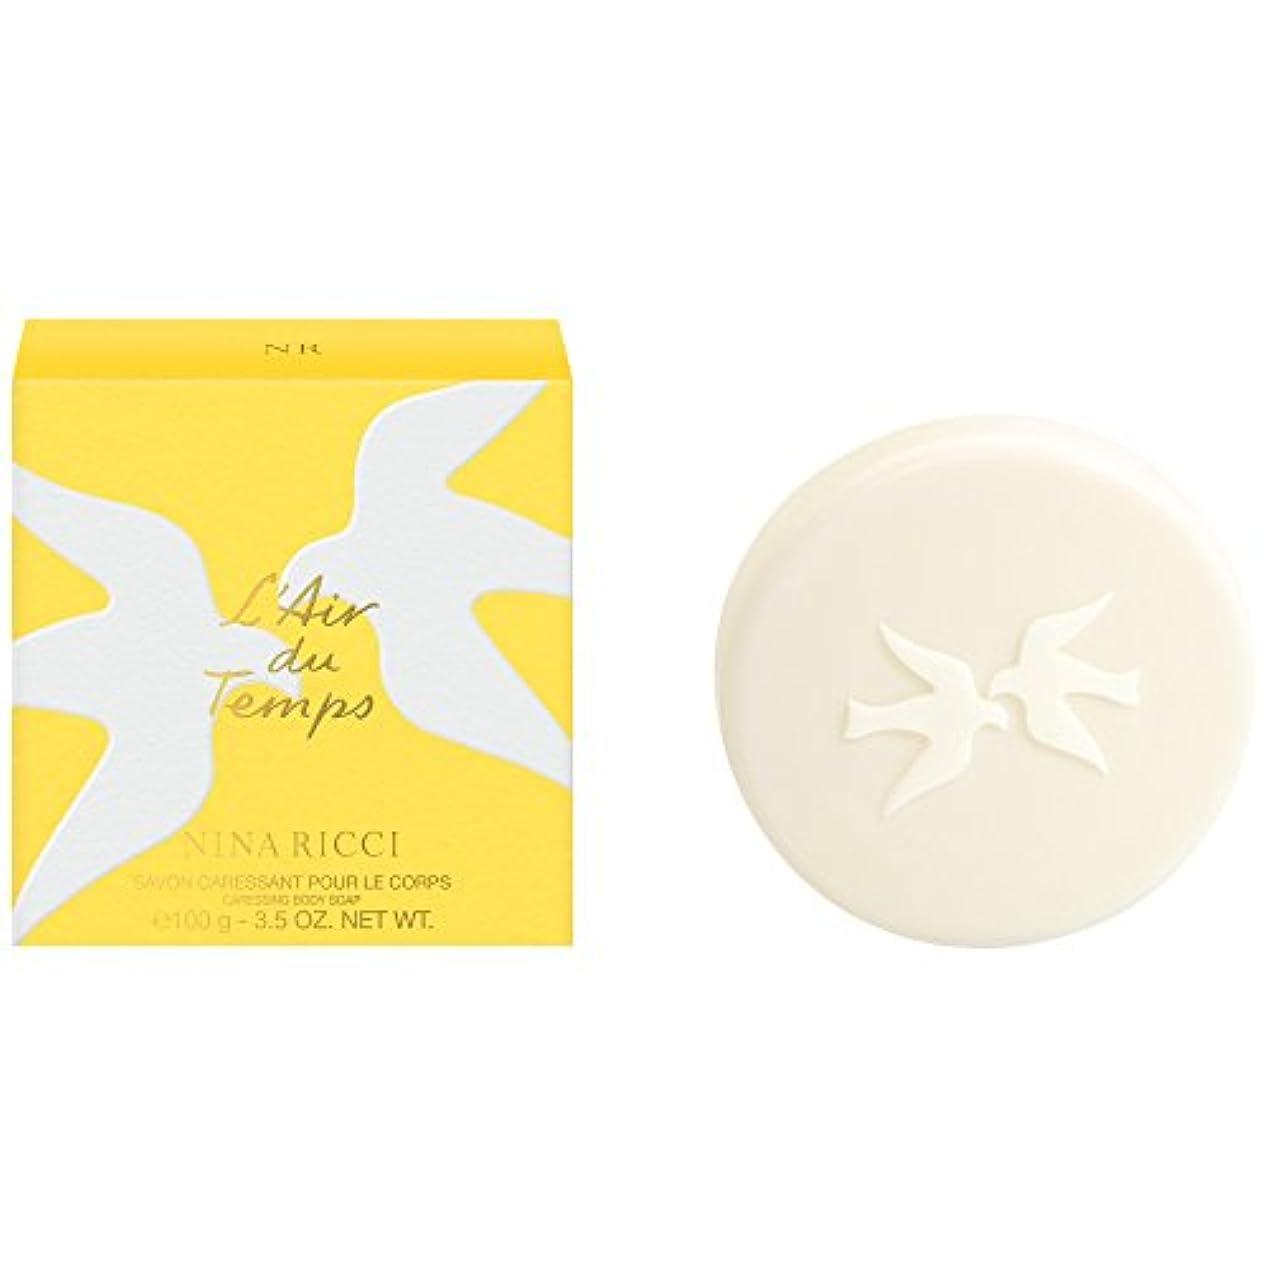 したがって頻繁にストレージニナリッチL'空気デュは石鹸の100グラムをタン (Nina Ricci) (x2) - Nina Ricci L'Air du Temps Soap 100g (Pack of 2) [並行輸入品]